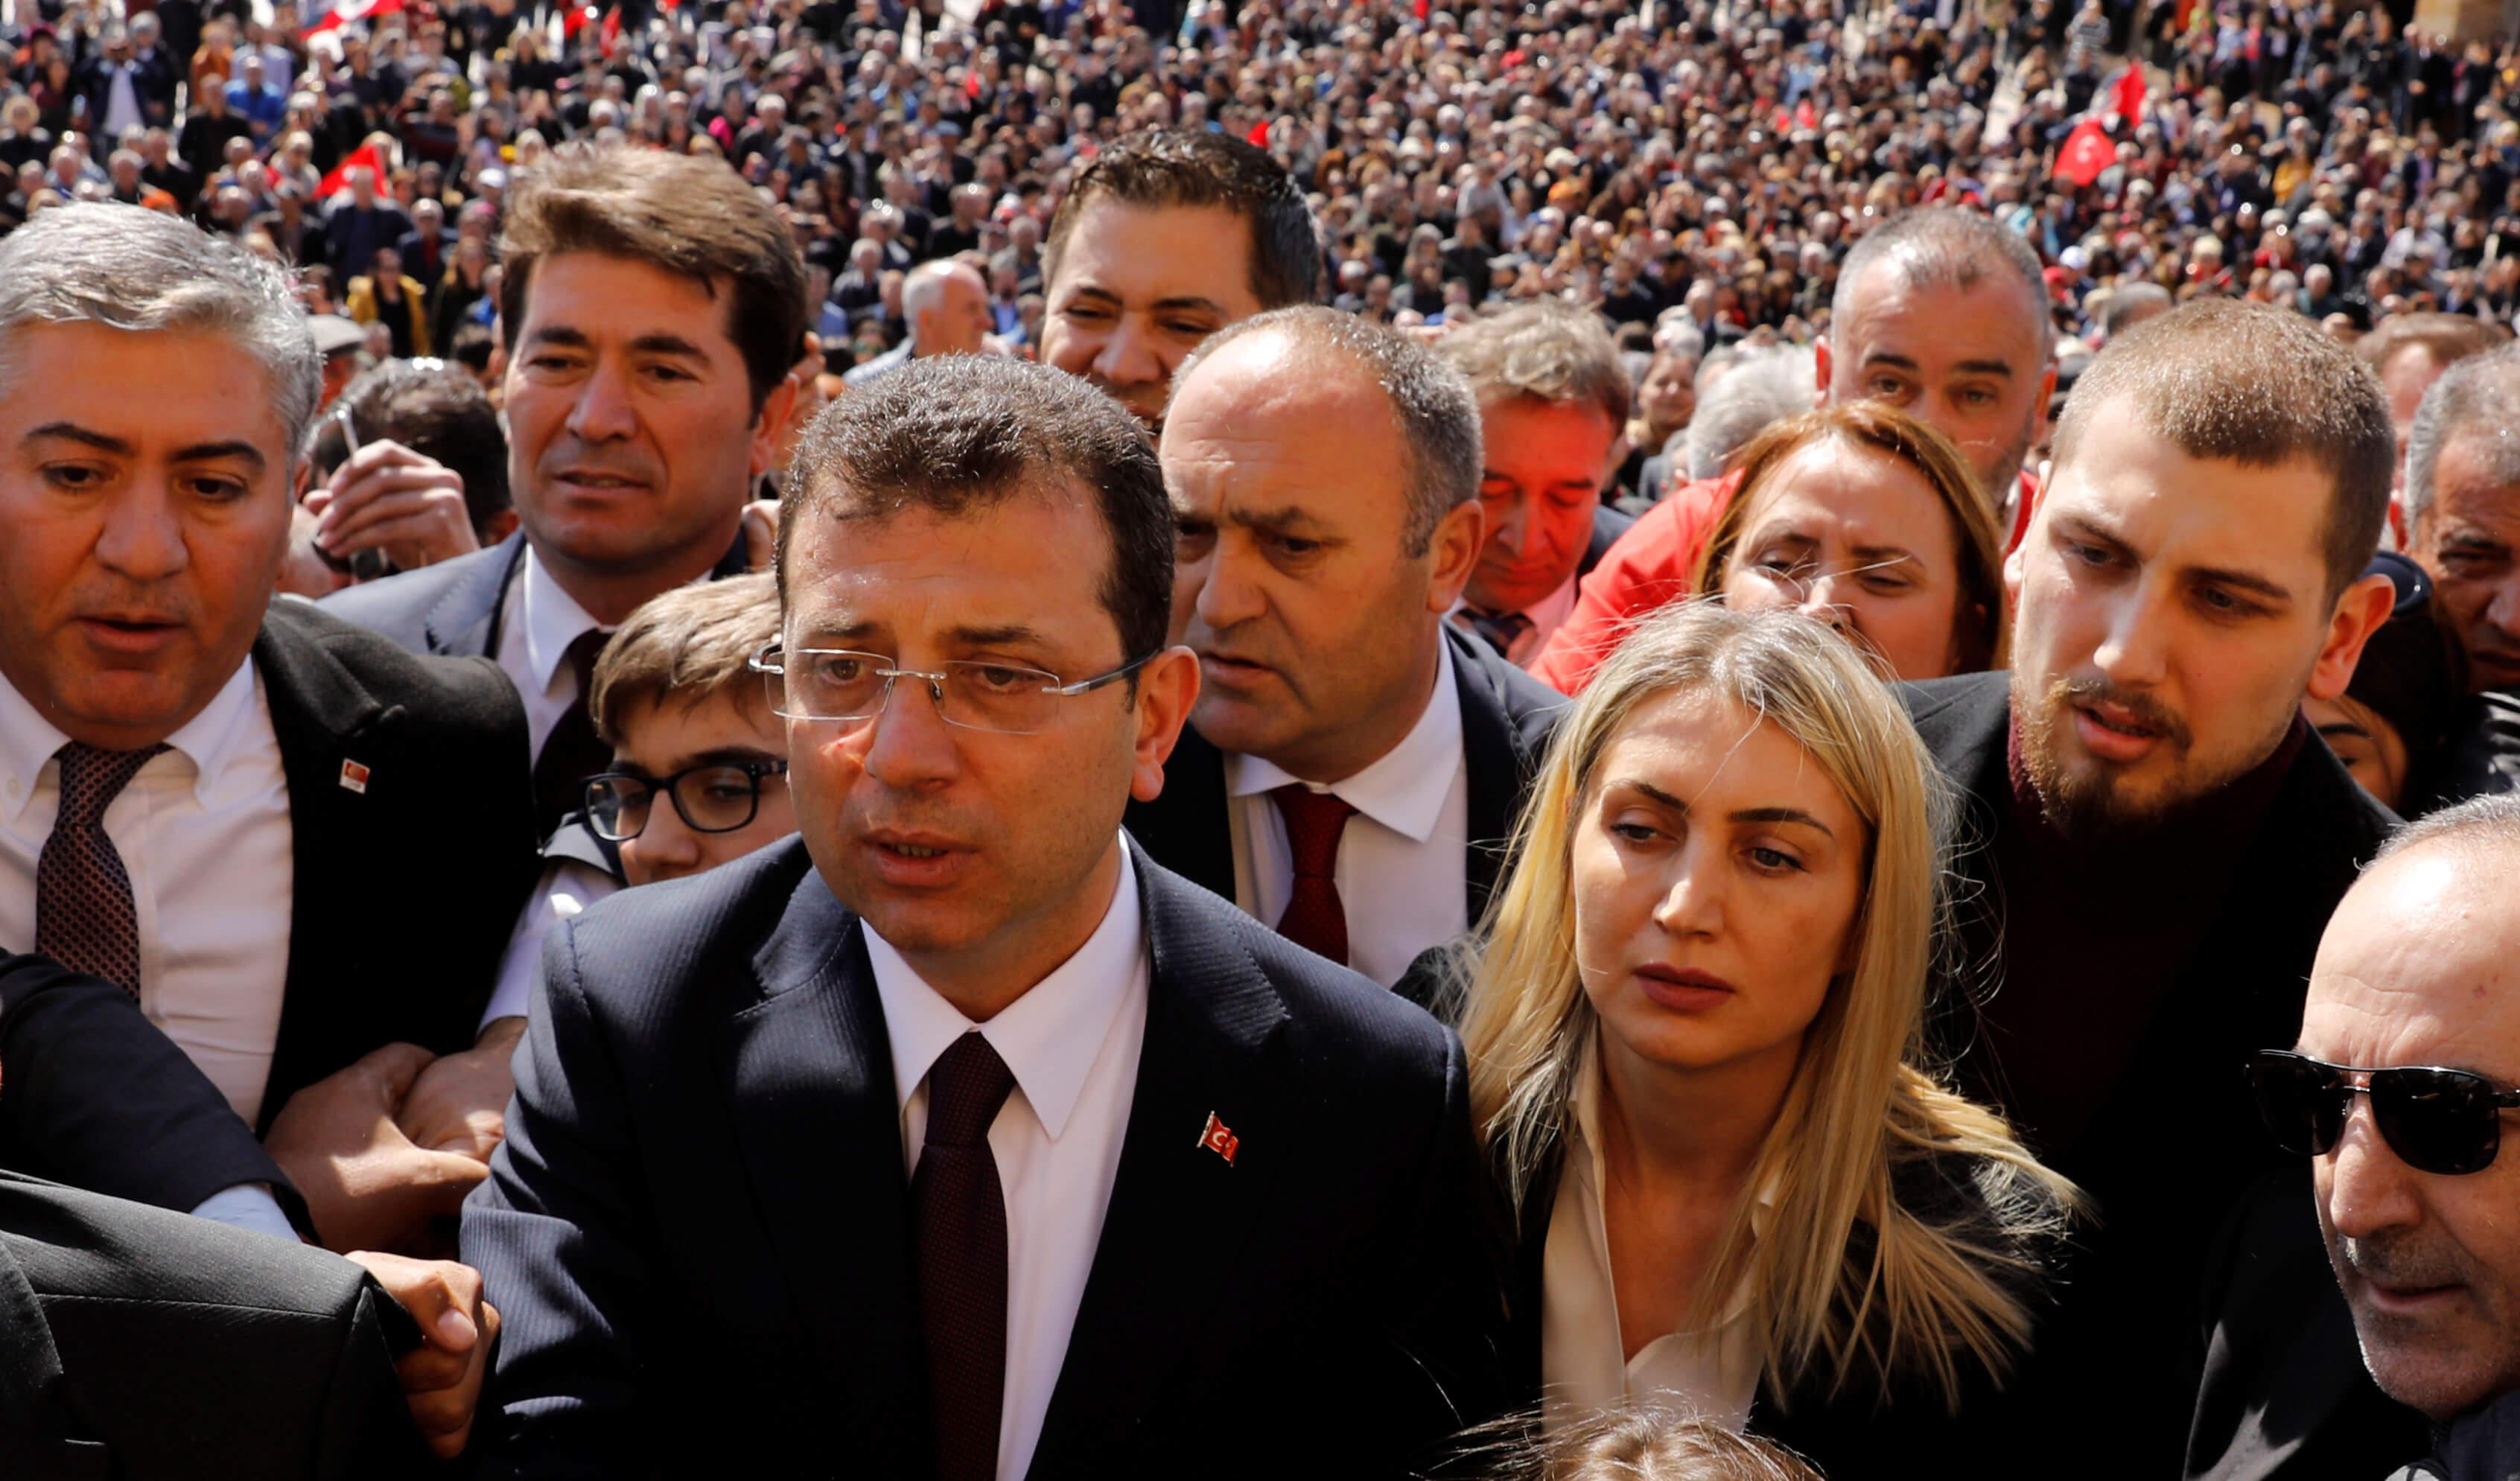 """Αποφασισμένος να """"πάρει την Πόλη"""" ο Ερντογάν! «Εγώ είμαι ο εκλεγμένος δήμαρχος» απαντά ο Ιμάμογλου!"""